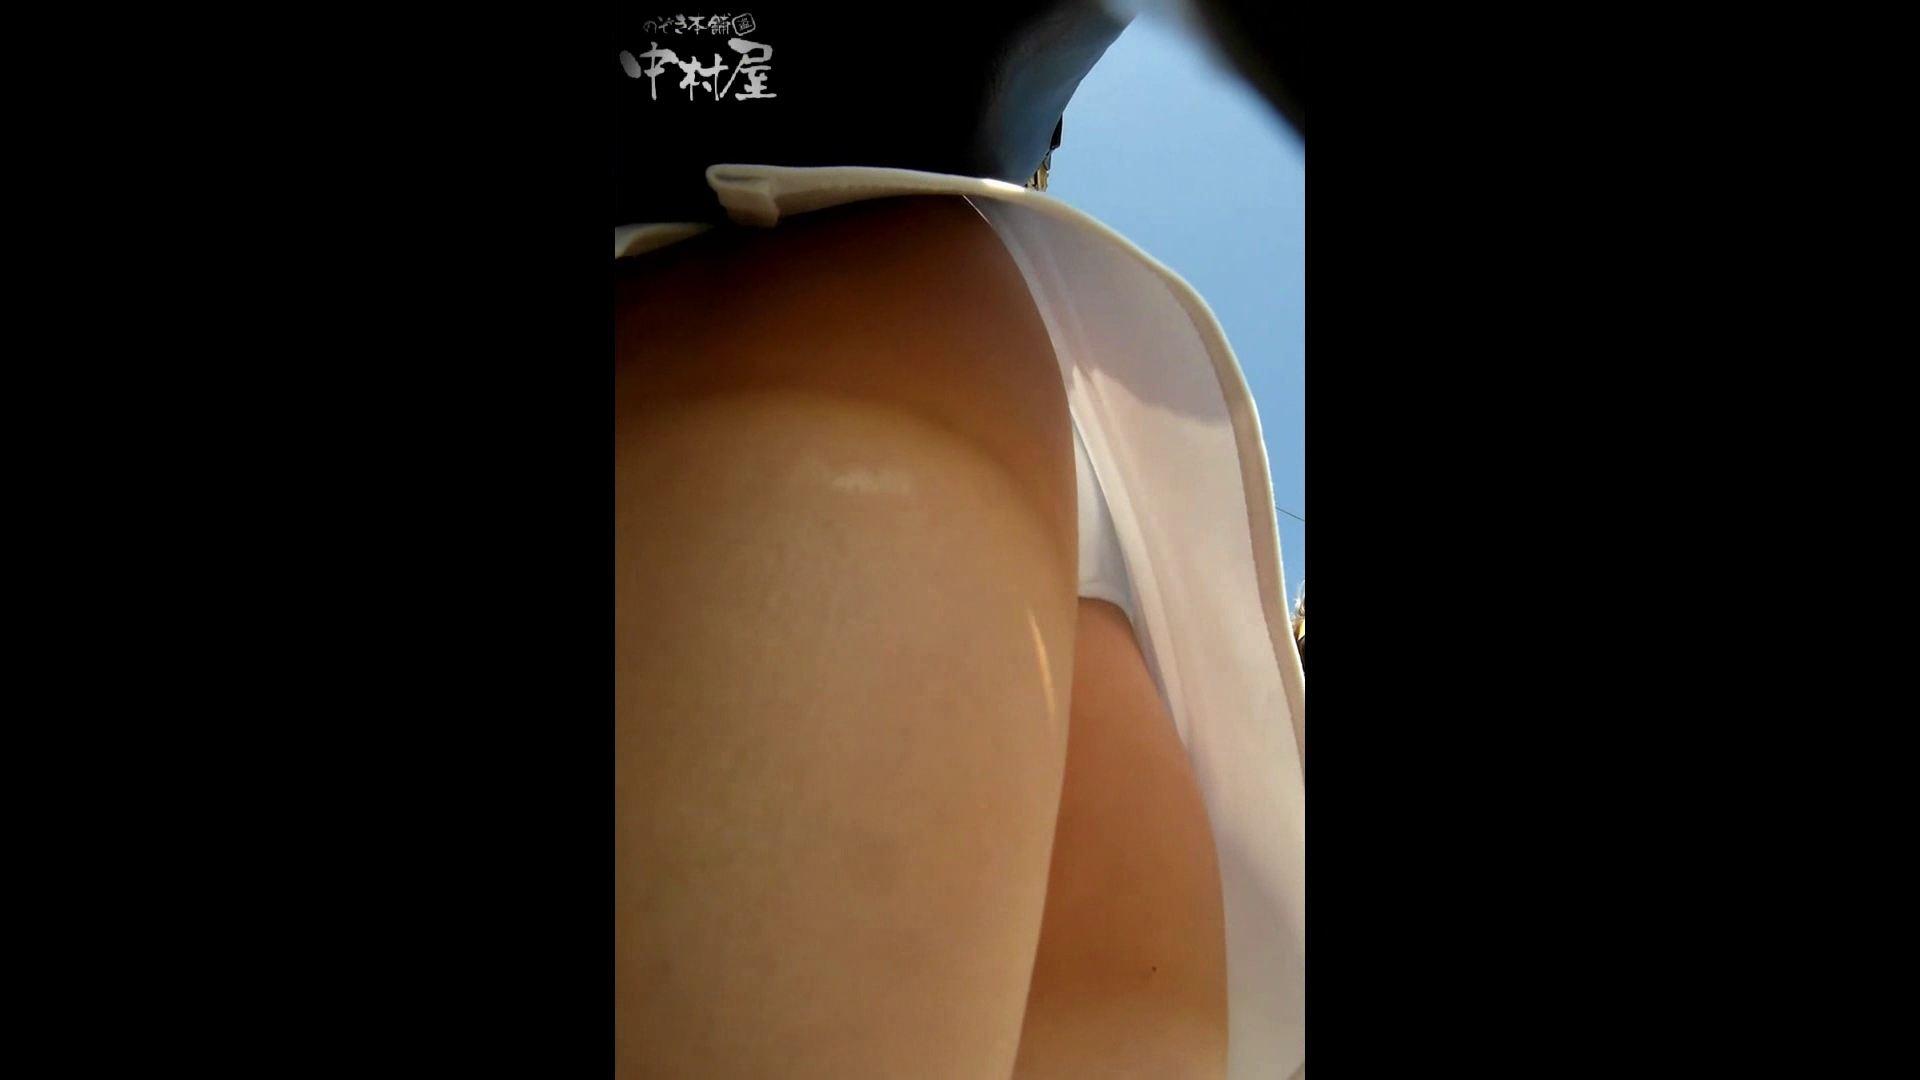 綺麗なモデルさんのスカート捲っちゃおう‼ vol21 お姉さんヌード | OLセックス  100画像 1